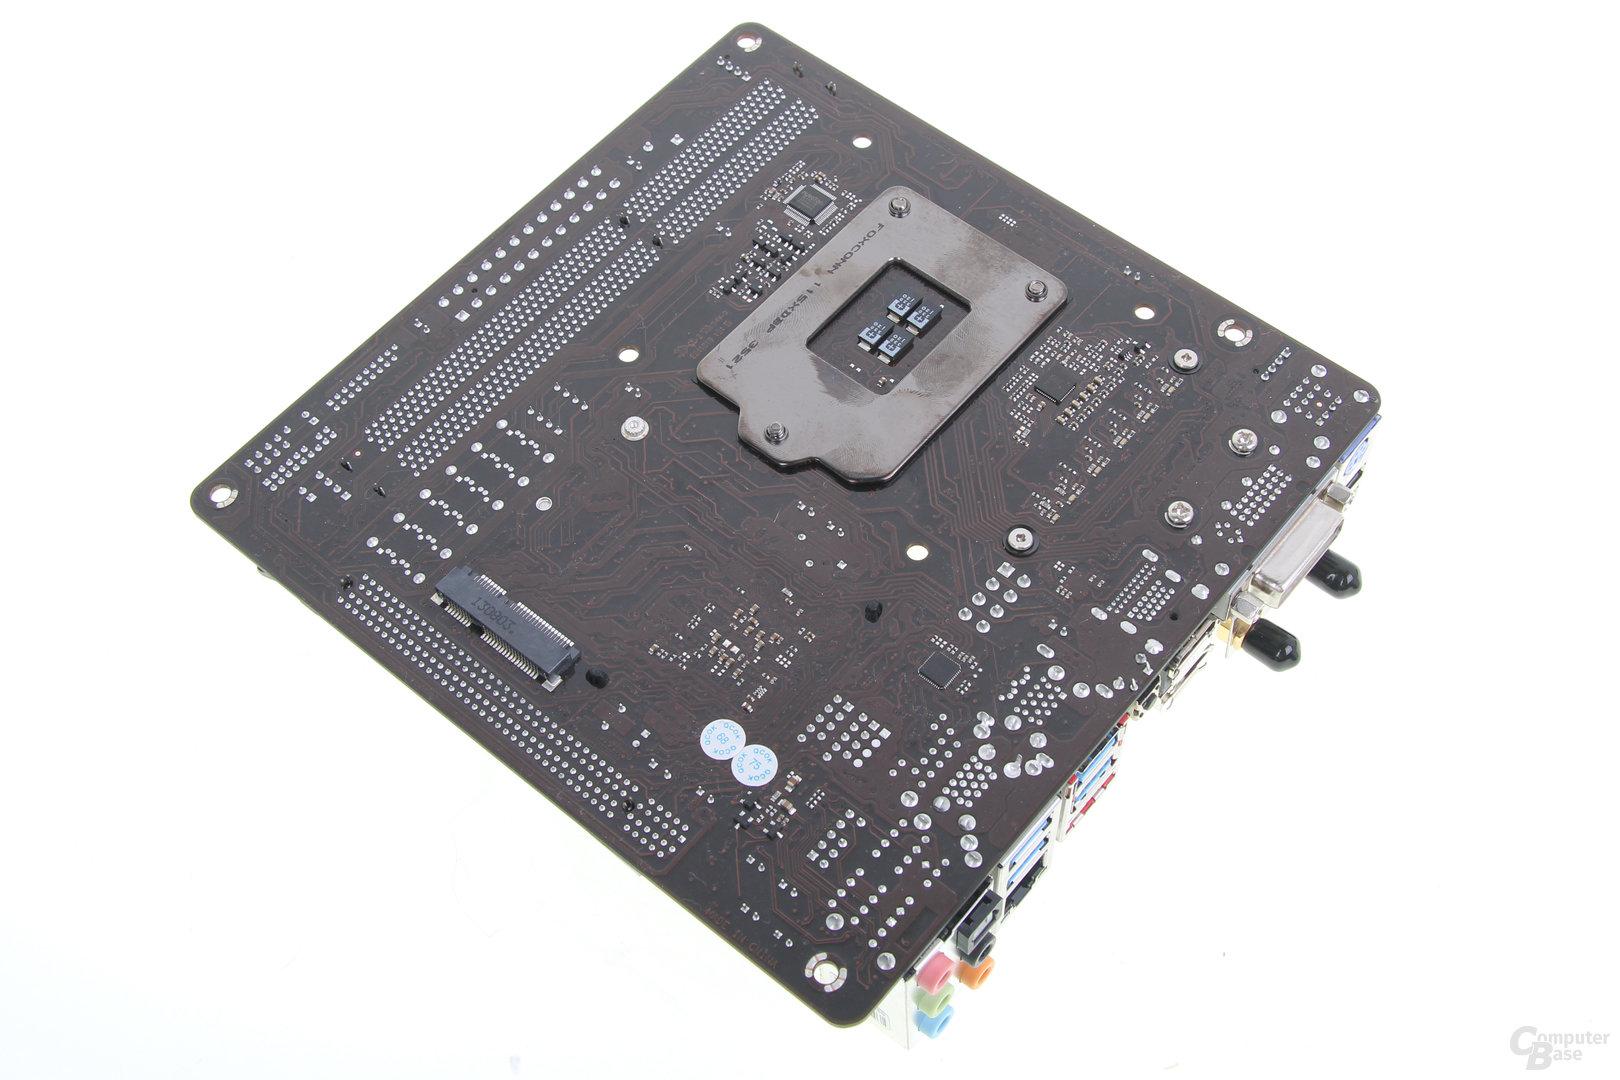 ASRock Z87E-ITX - Rückseite